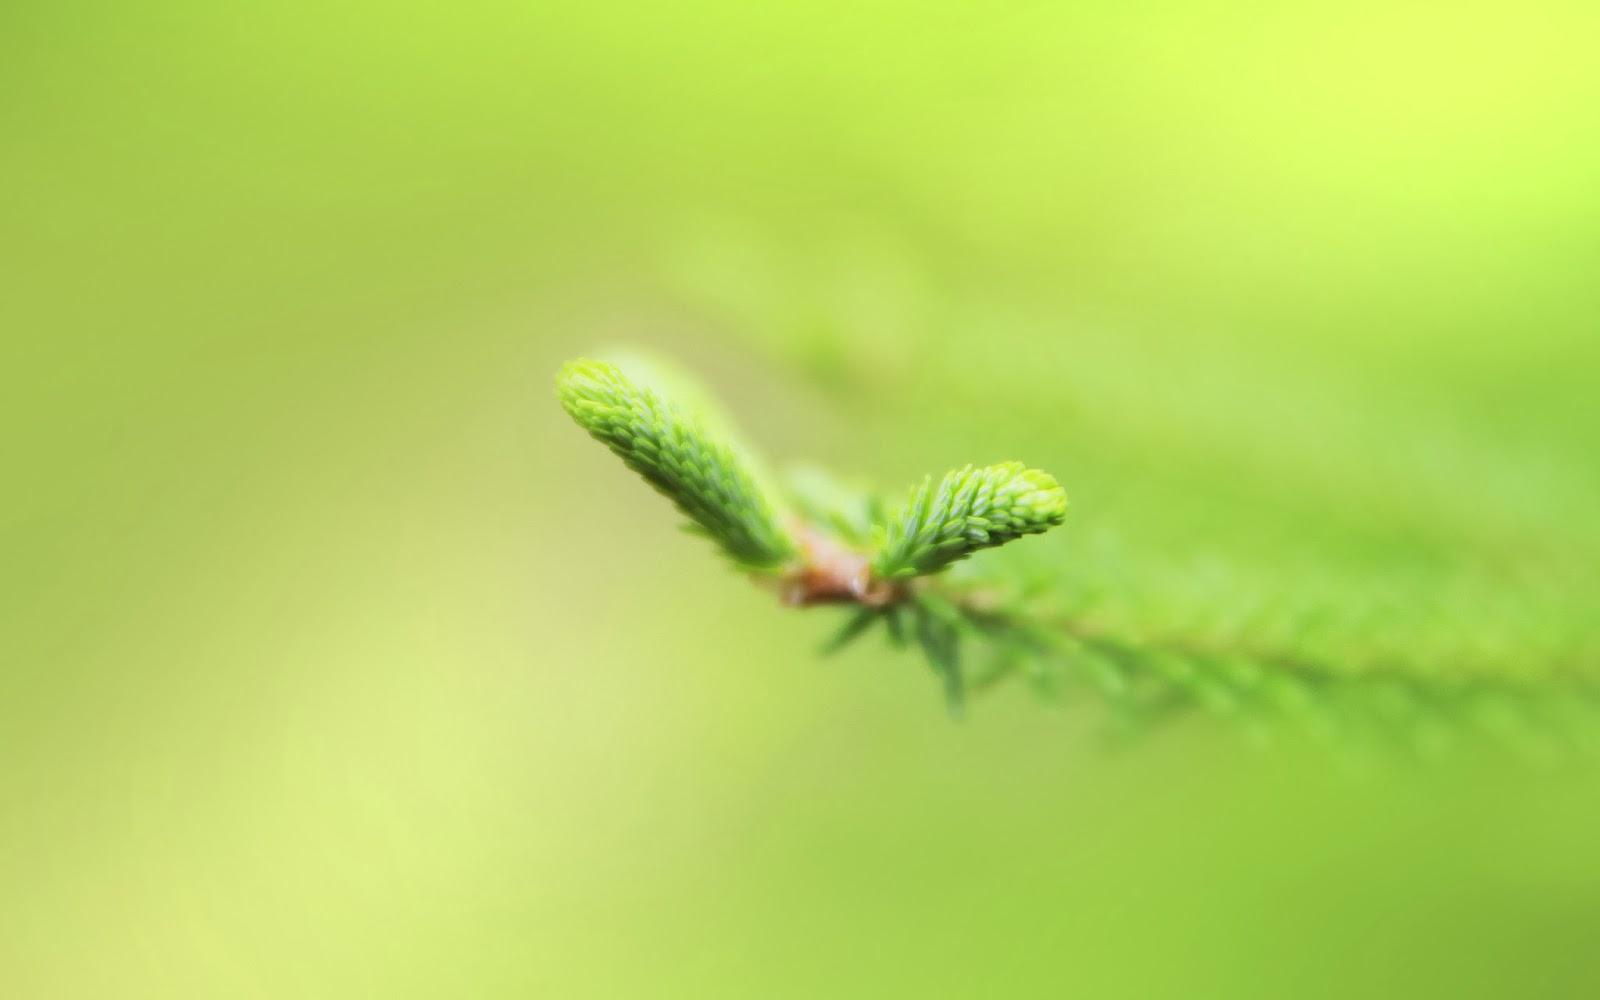 """<img src=""""http://1.bp.blogspot.com/-0JaHNXTiAGg/UvPsmsRhg-I/AAAAAAAAK_c/uW3UqcBaIiE/s1600/fresh-green-wallpaper.jpg"""" alt=""""fresh green wallpaper"""" />"""